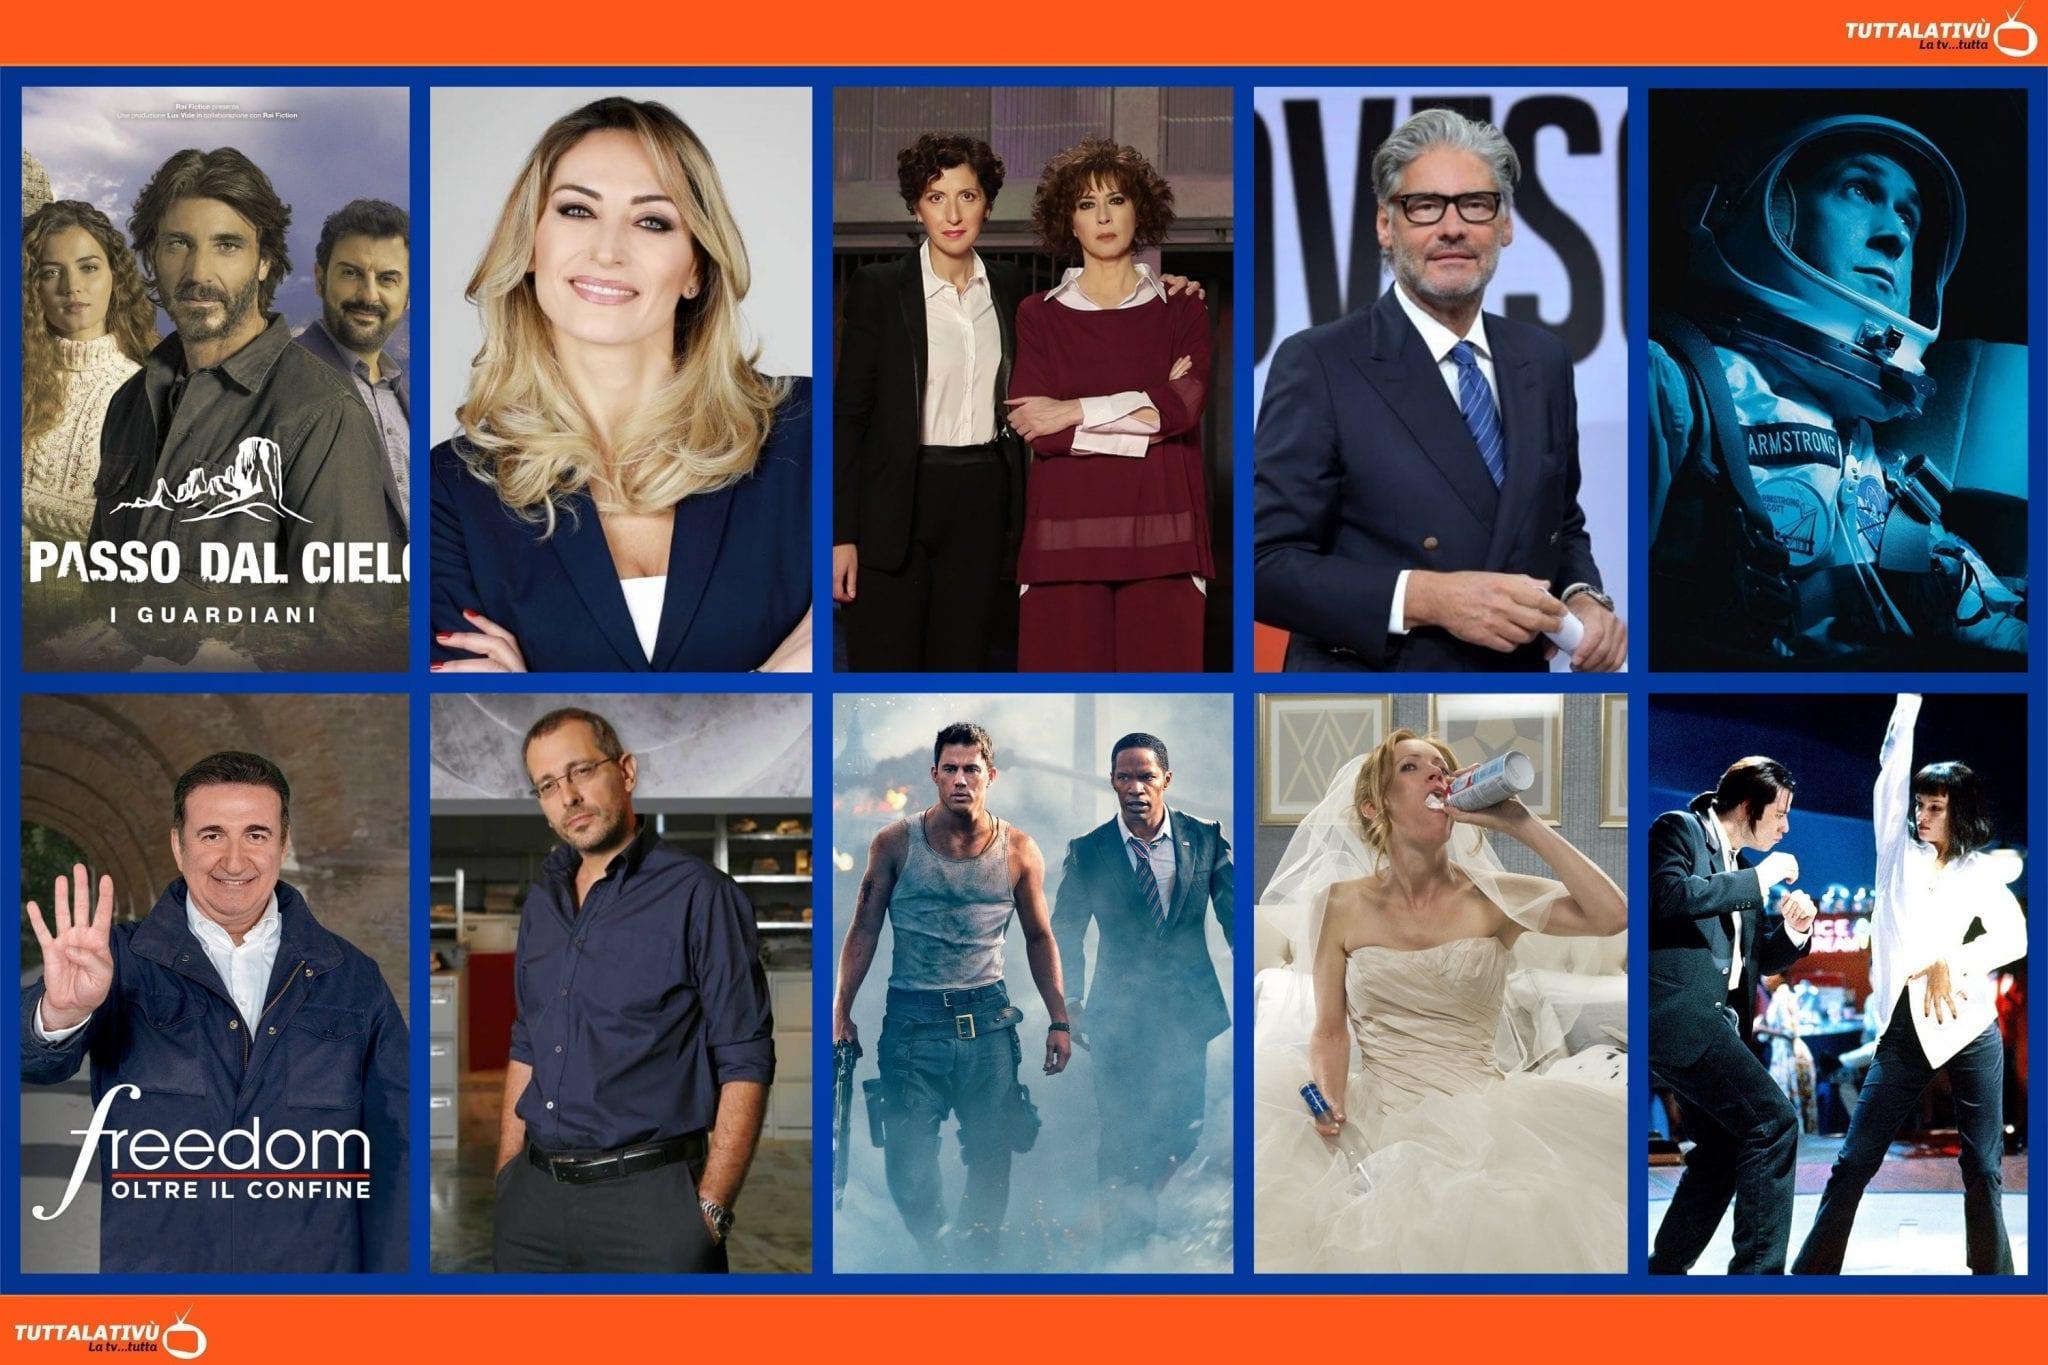 GuidaTV 13 Maggio 2021: Un passo dal cielo, First Man: Il primo uomo, Amore criminale, Dritto e rovescio, Piazzapulita, White House Down, Pulp Fiction